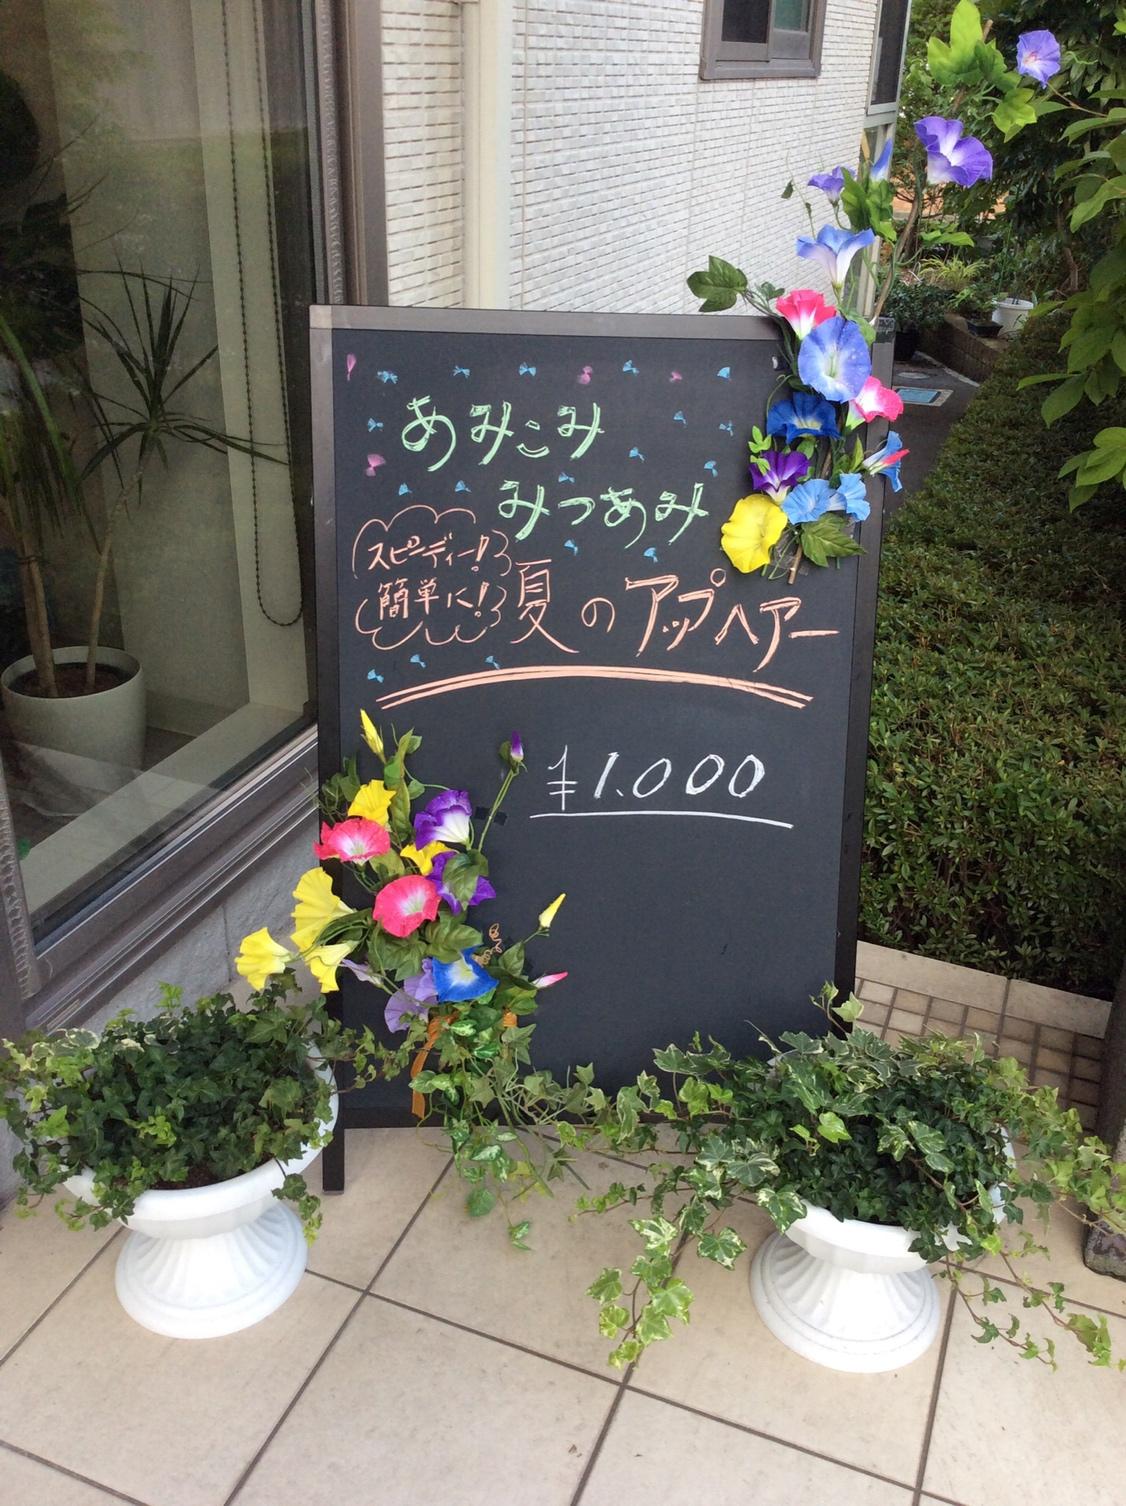 あみこみ・みつあみ【夏のアップヘアー】